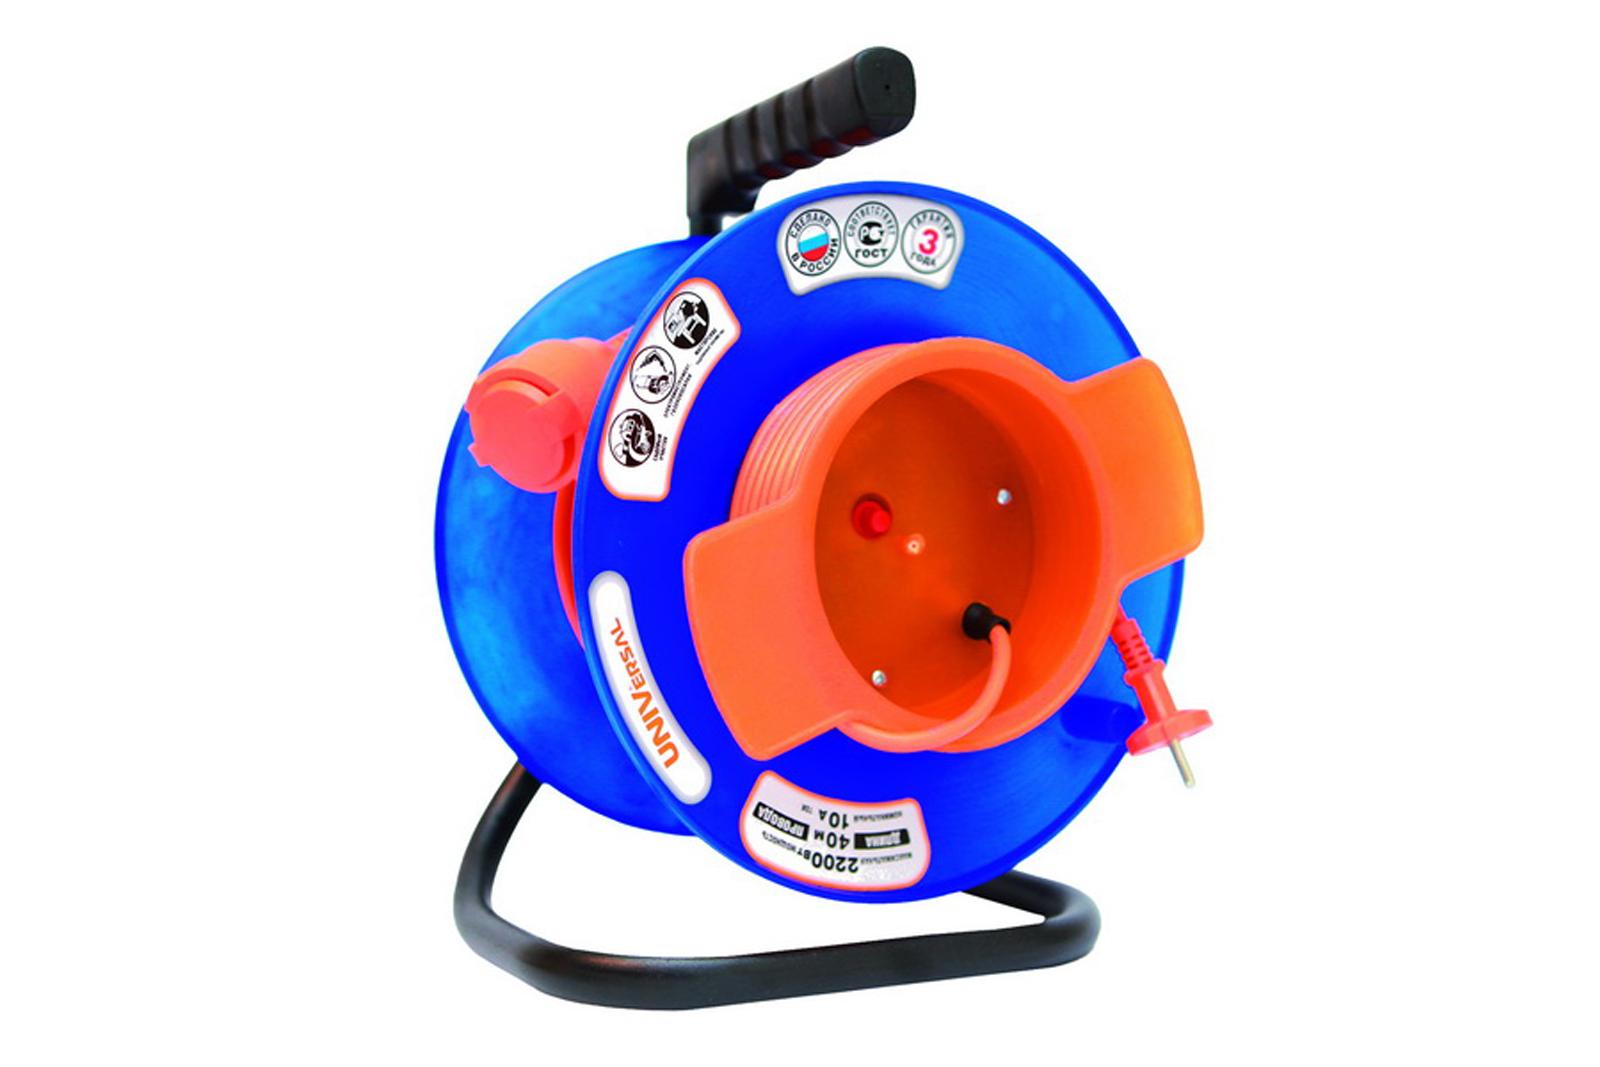 Удлинитель Universal У10-028 термо ПВС 2*0,75 1гнездо 30м силовой удлинитель universal вем 250 термо пвс 2 0 75 20м 9634146